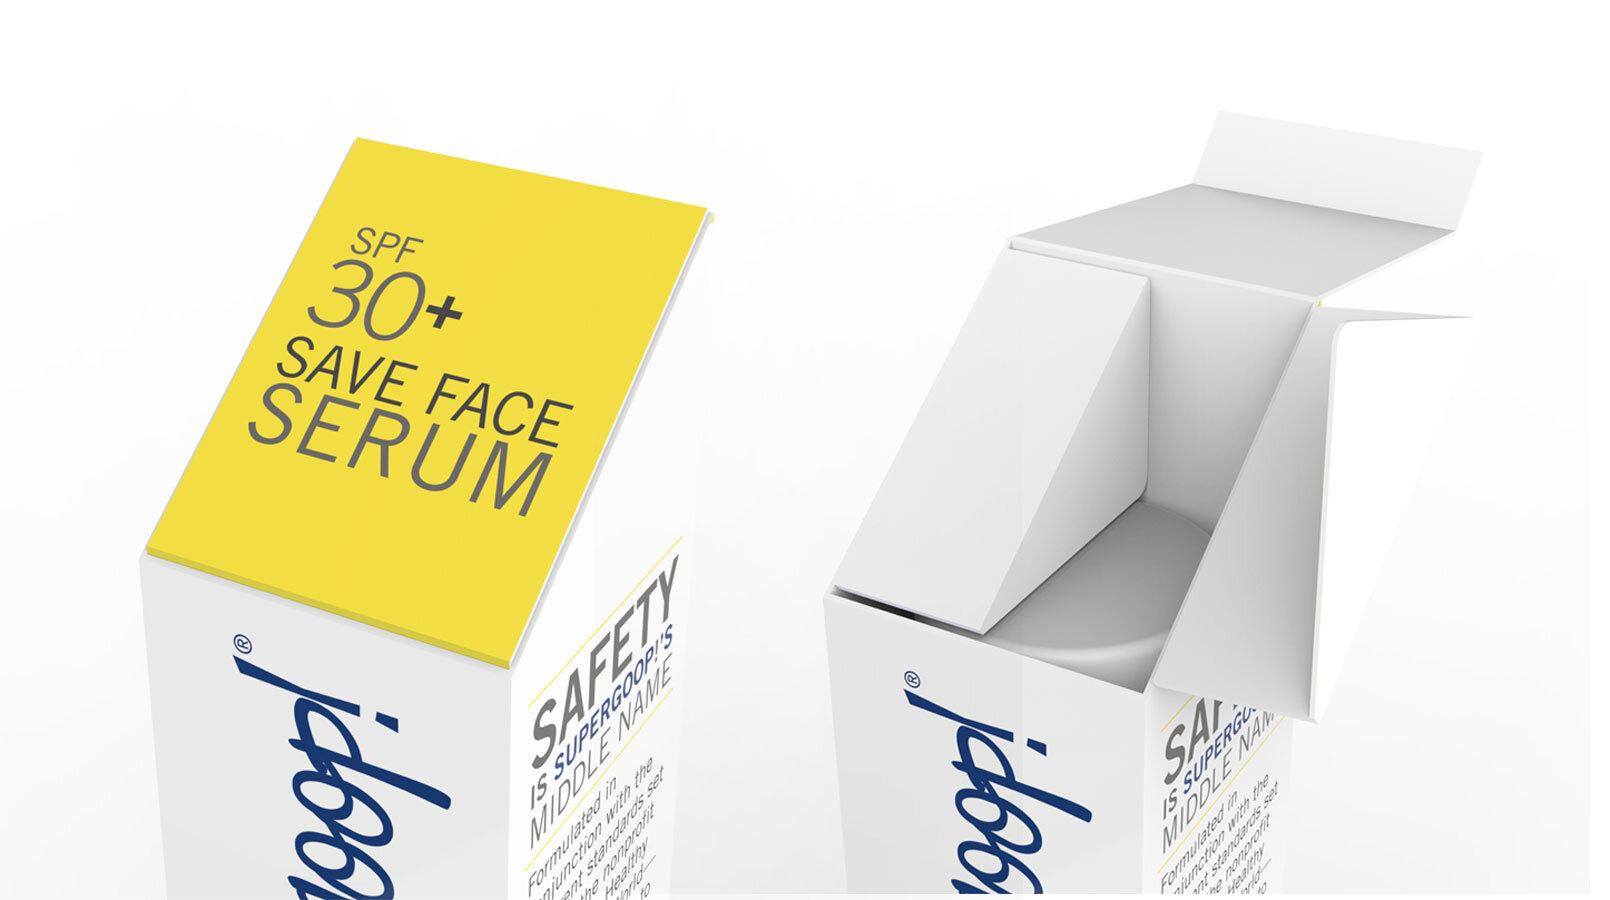 超级皮肤护理包装 - 设计-2.JPG